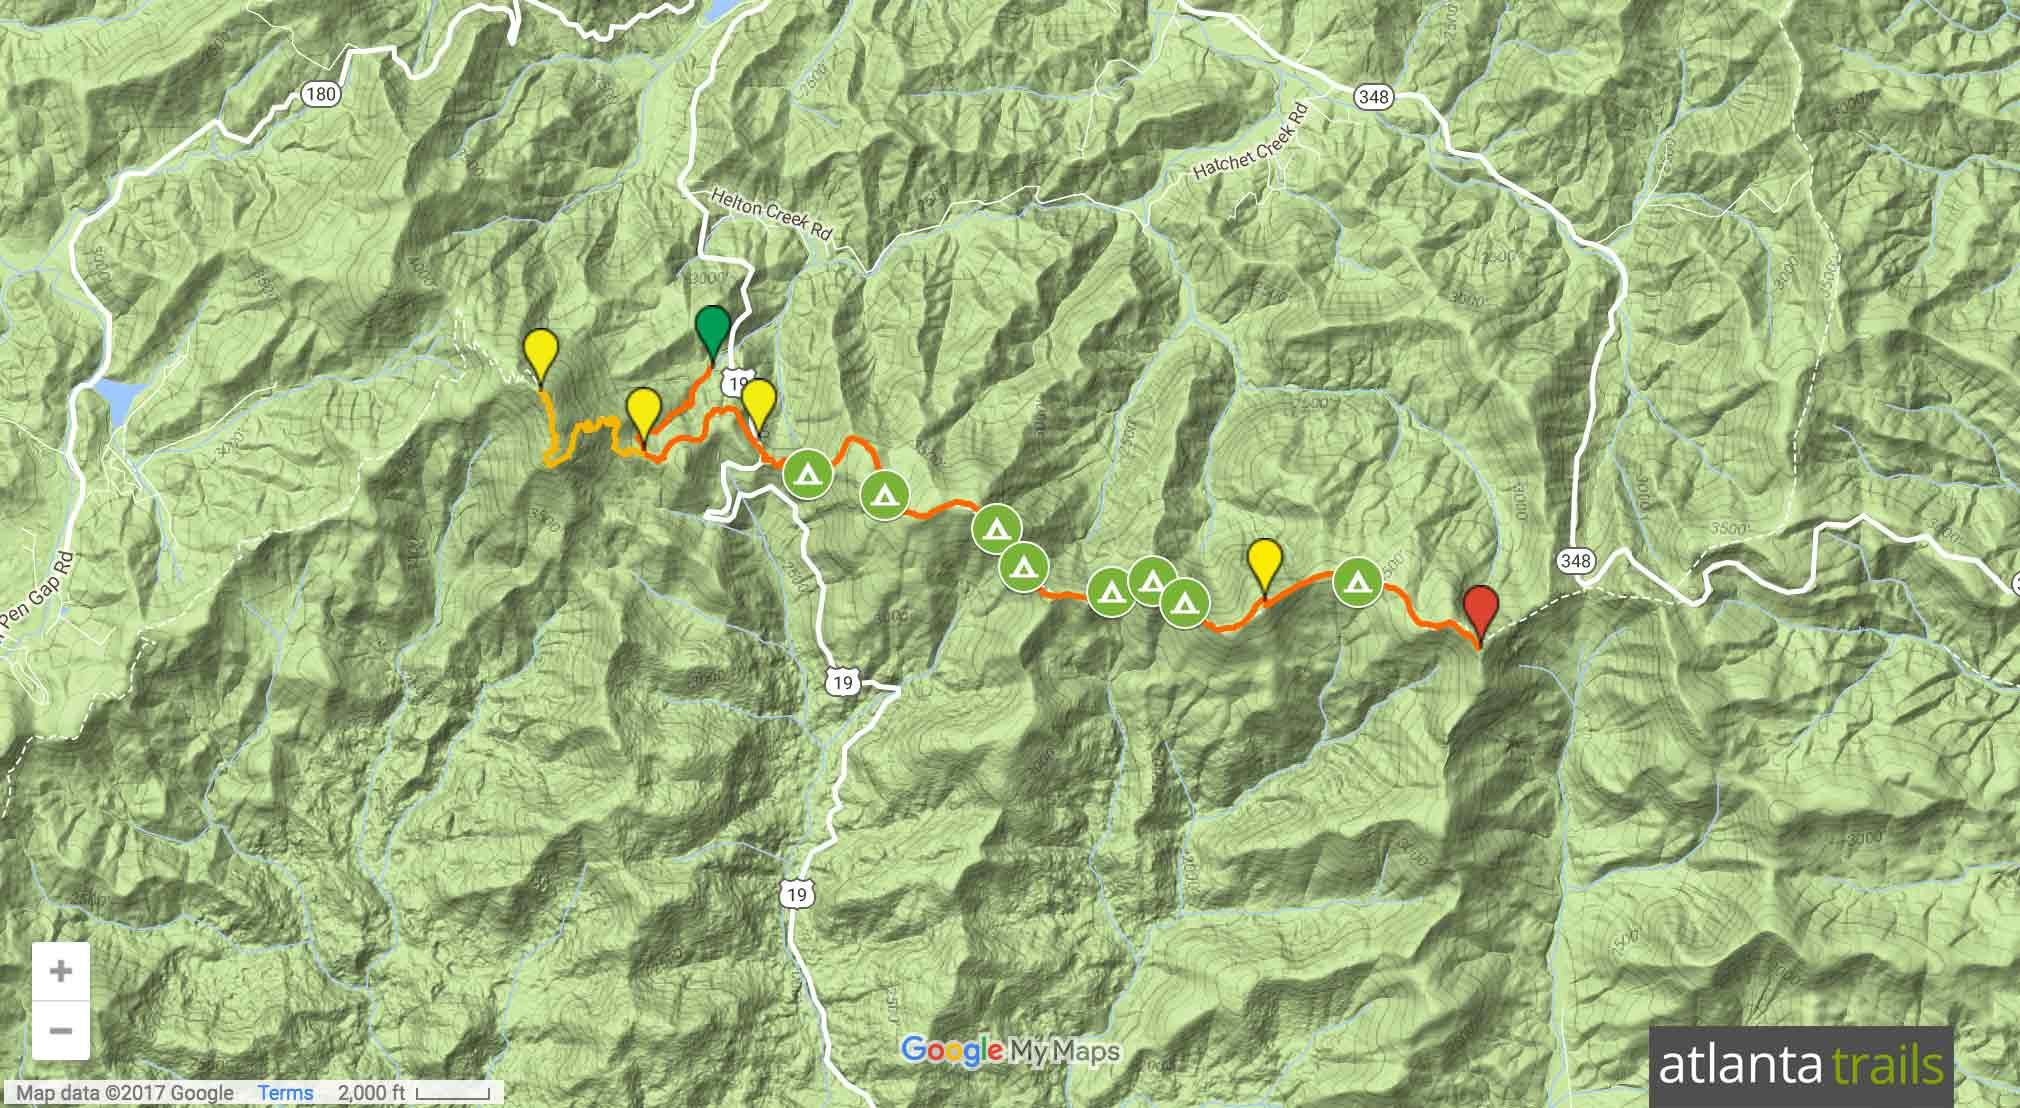 Appalachian Trail Blood Mountain to Cowrock Mountain Map